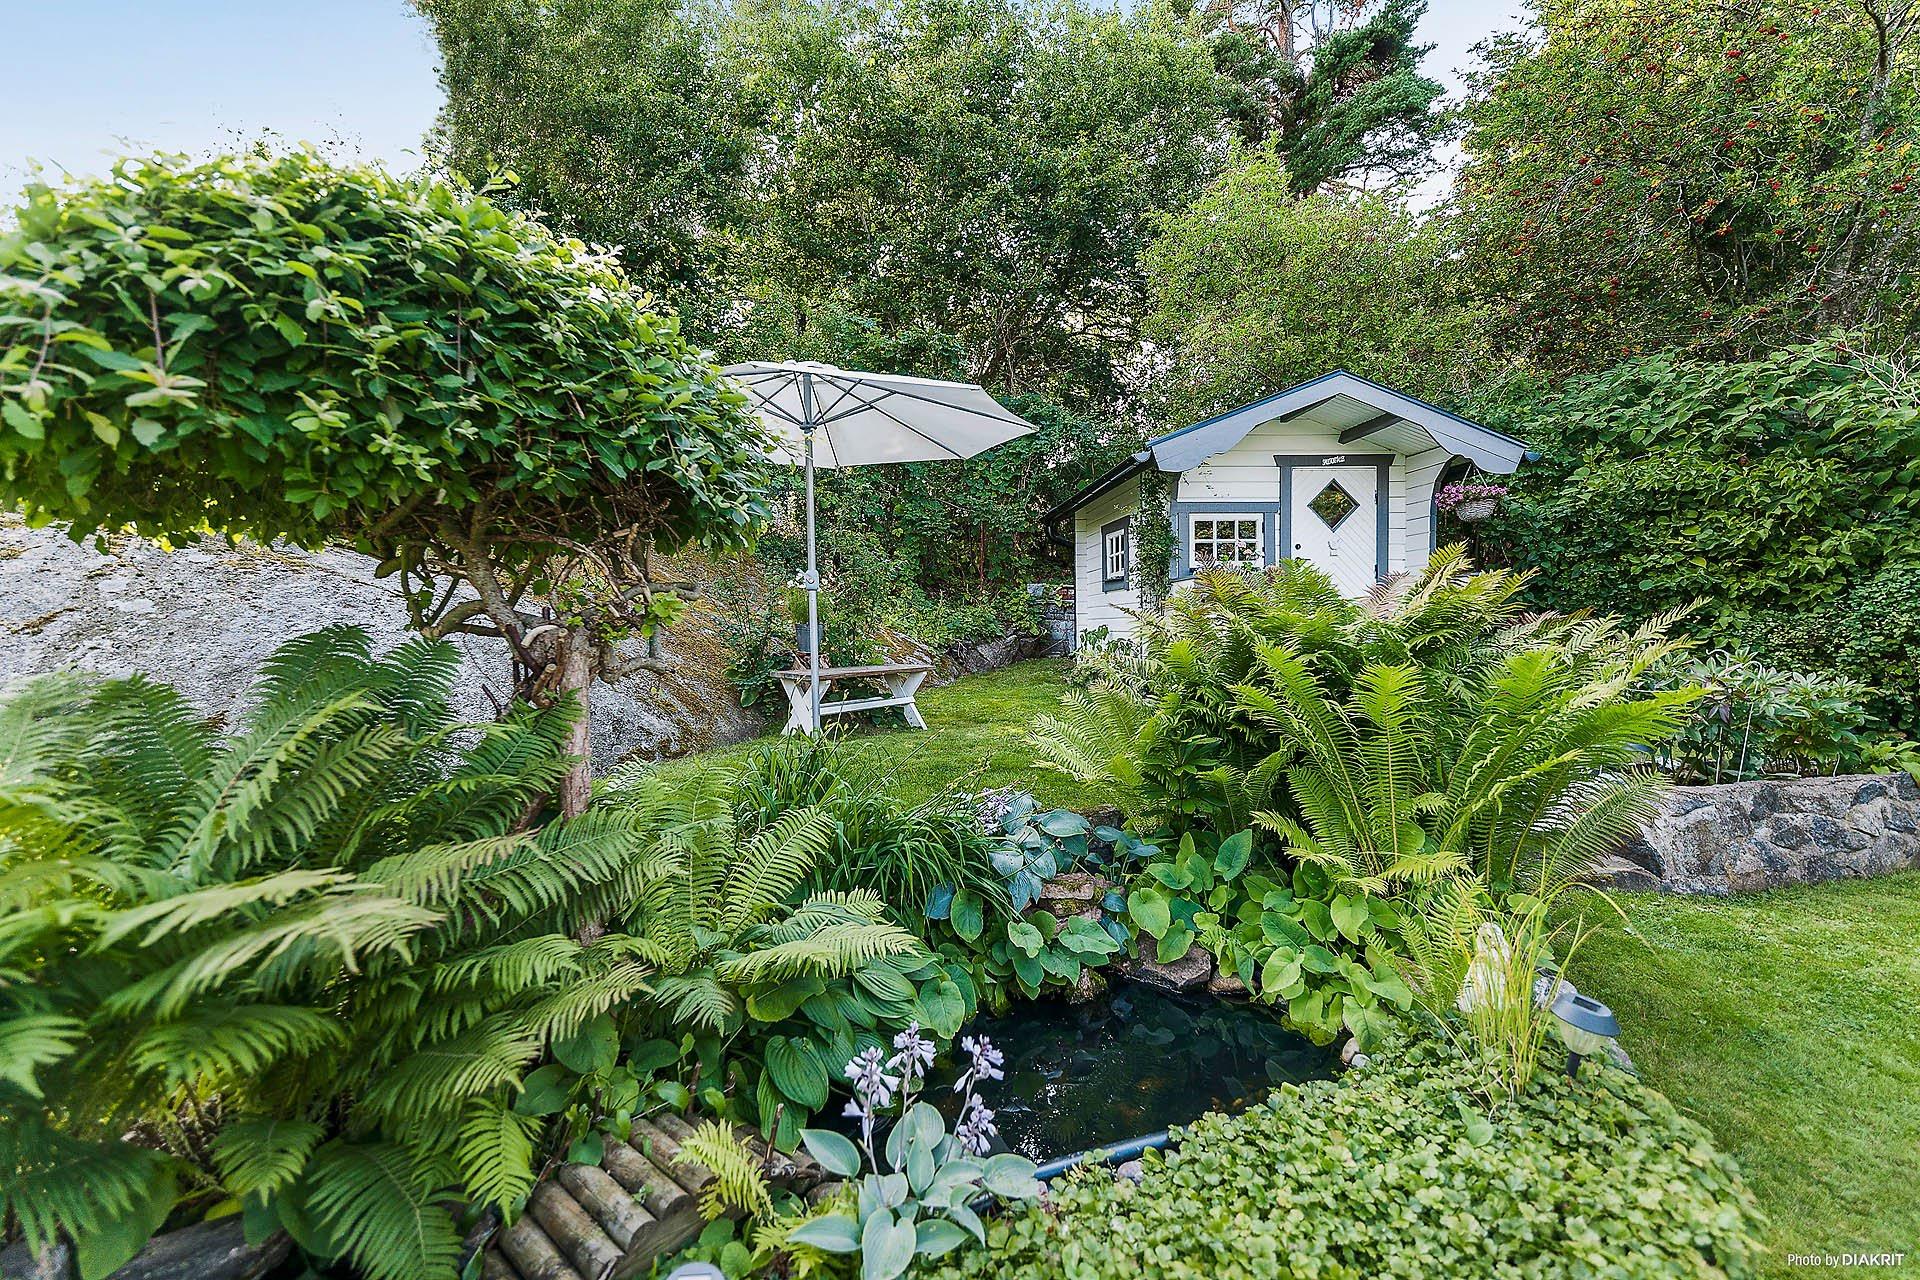 загородный дом газон пруд кустарники садовые растения зонт хозяйственный дом